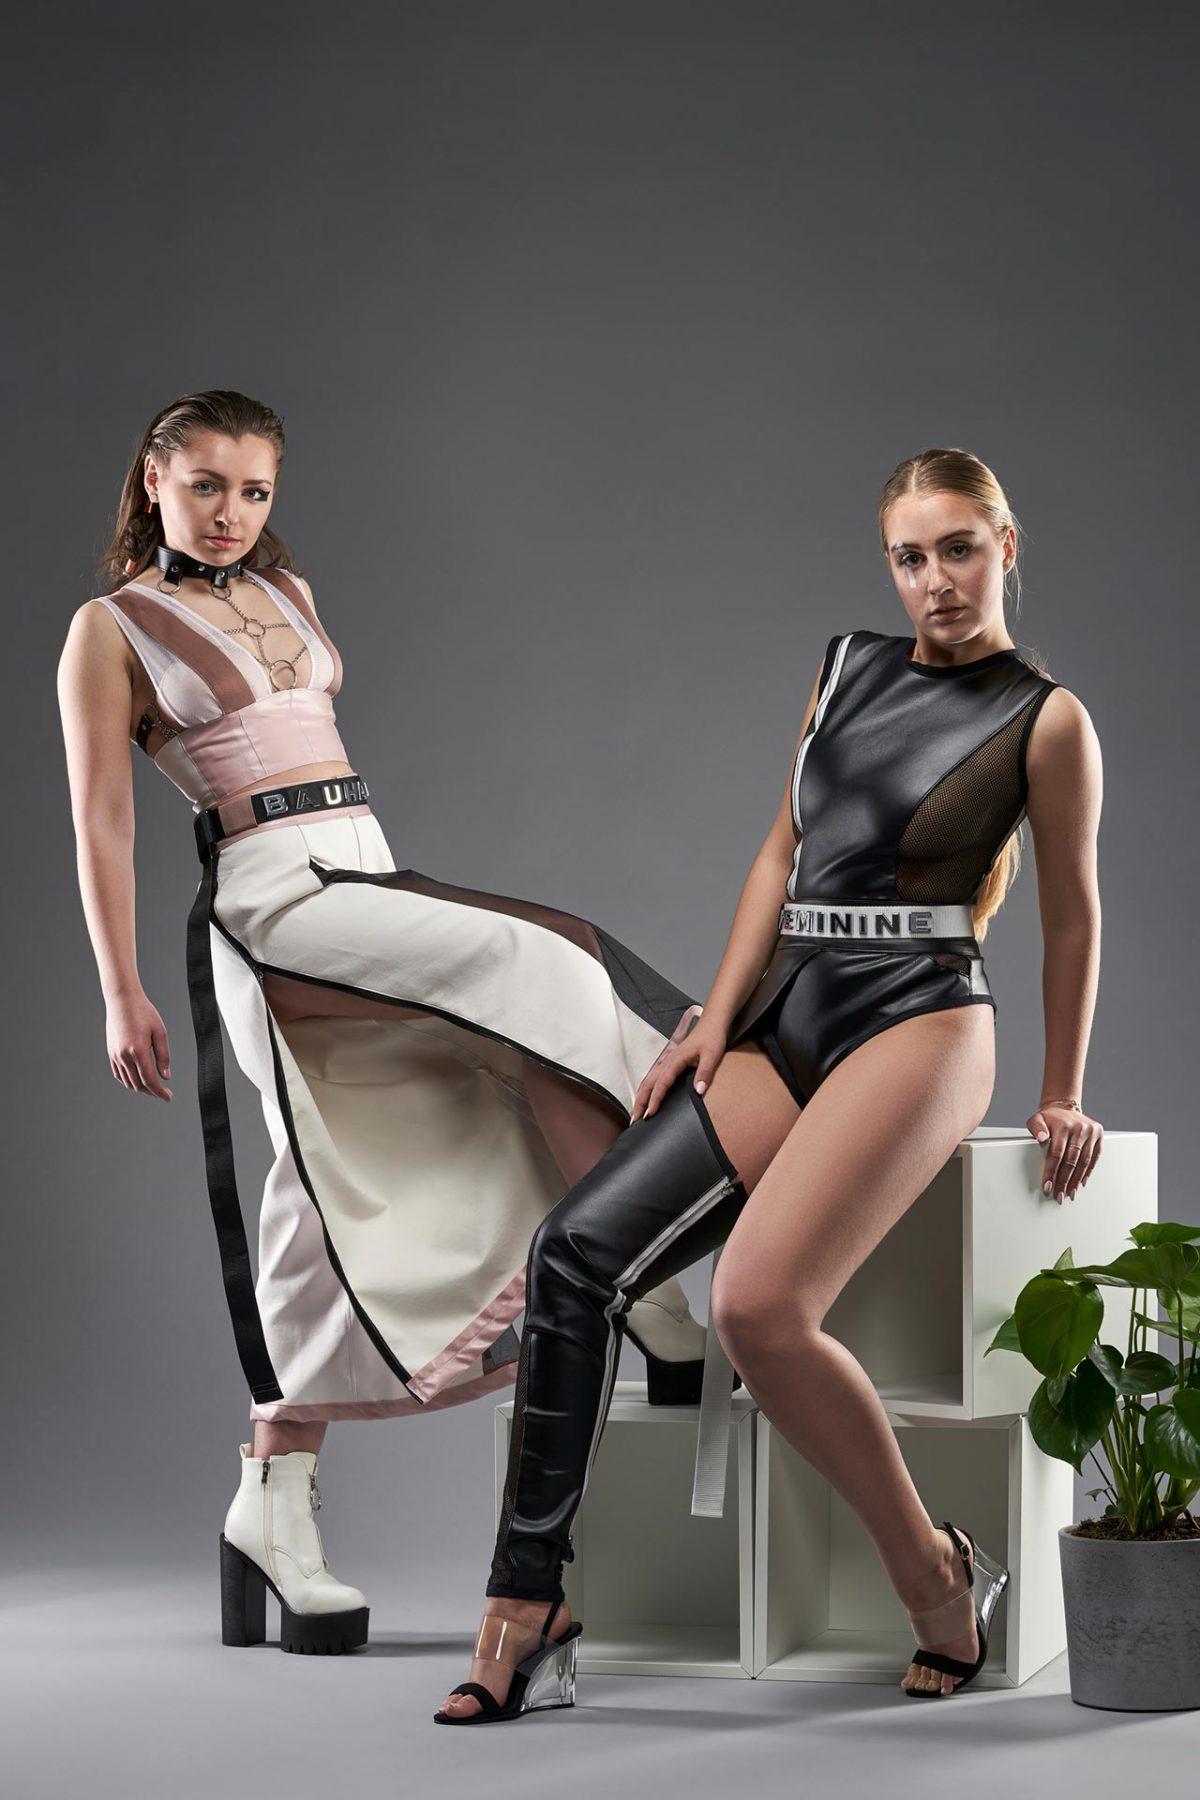 Mode Fotografie junge Frauen in Outfit inspiriert vom Bauhaus